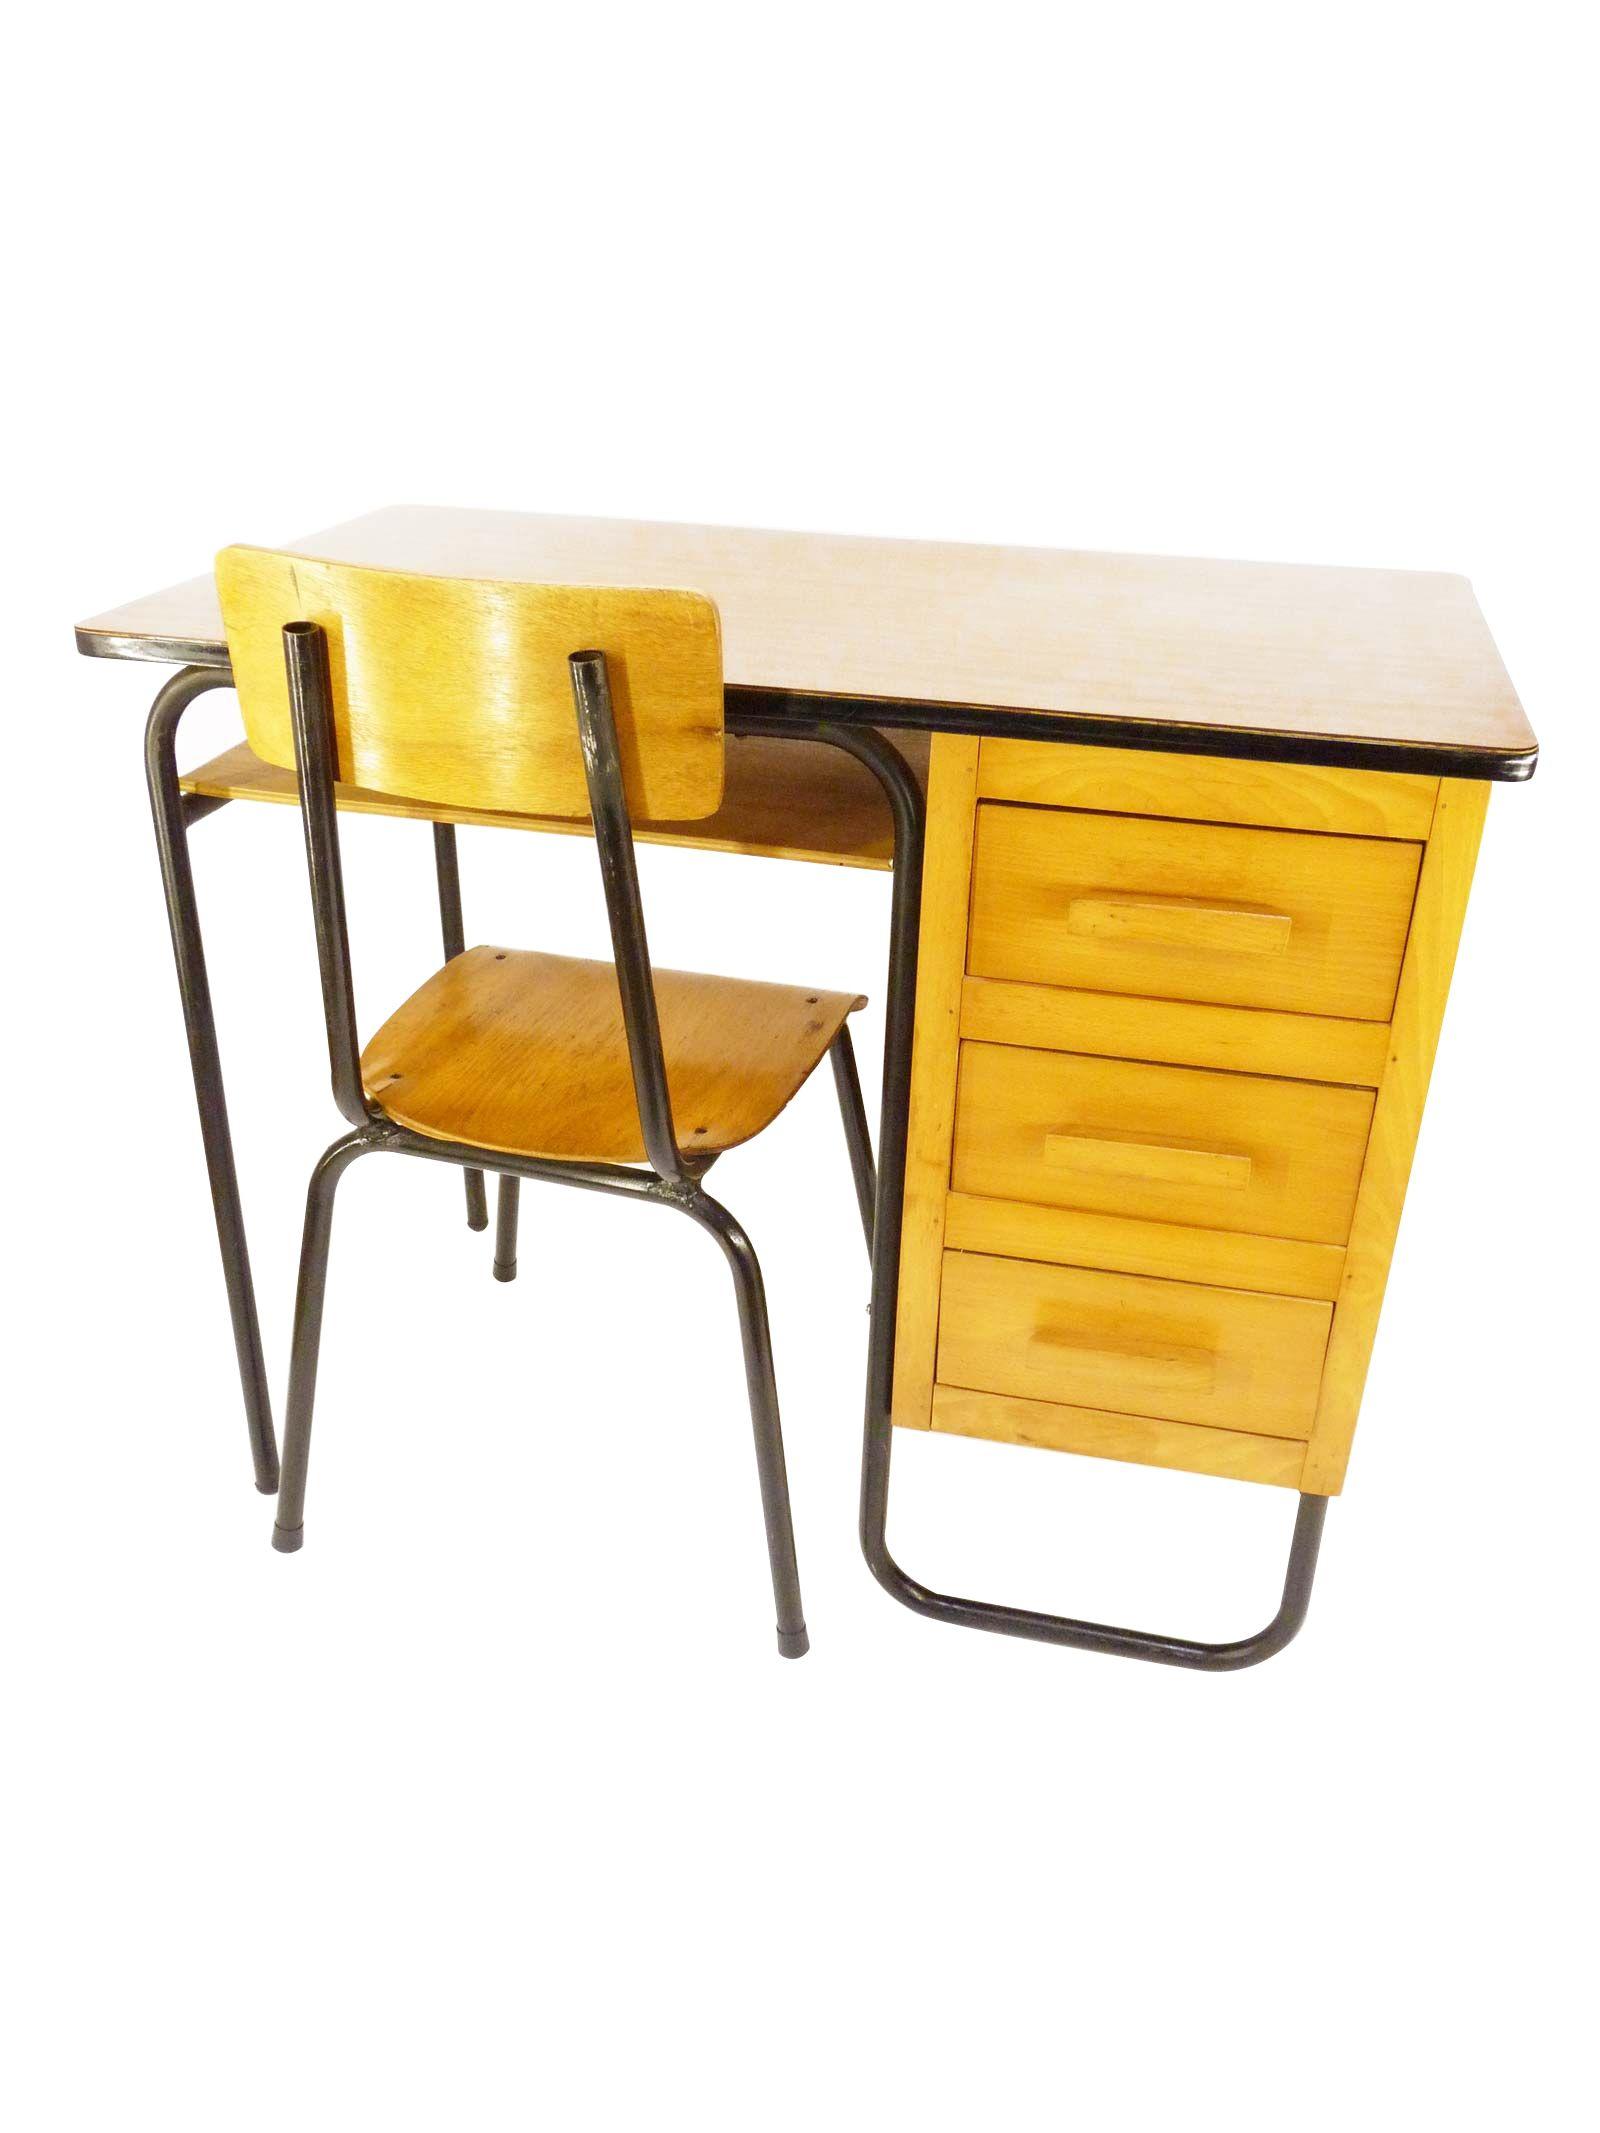 c625fce54088454045d18a5d01f56d1c Impressionnant De Ensemble Table Chaise Concept